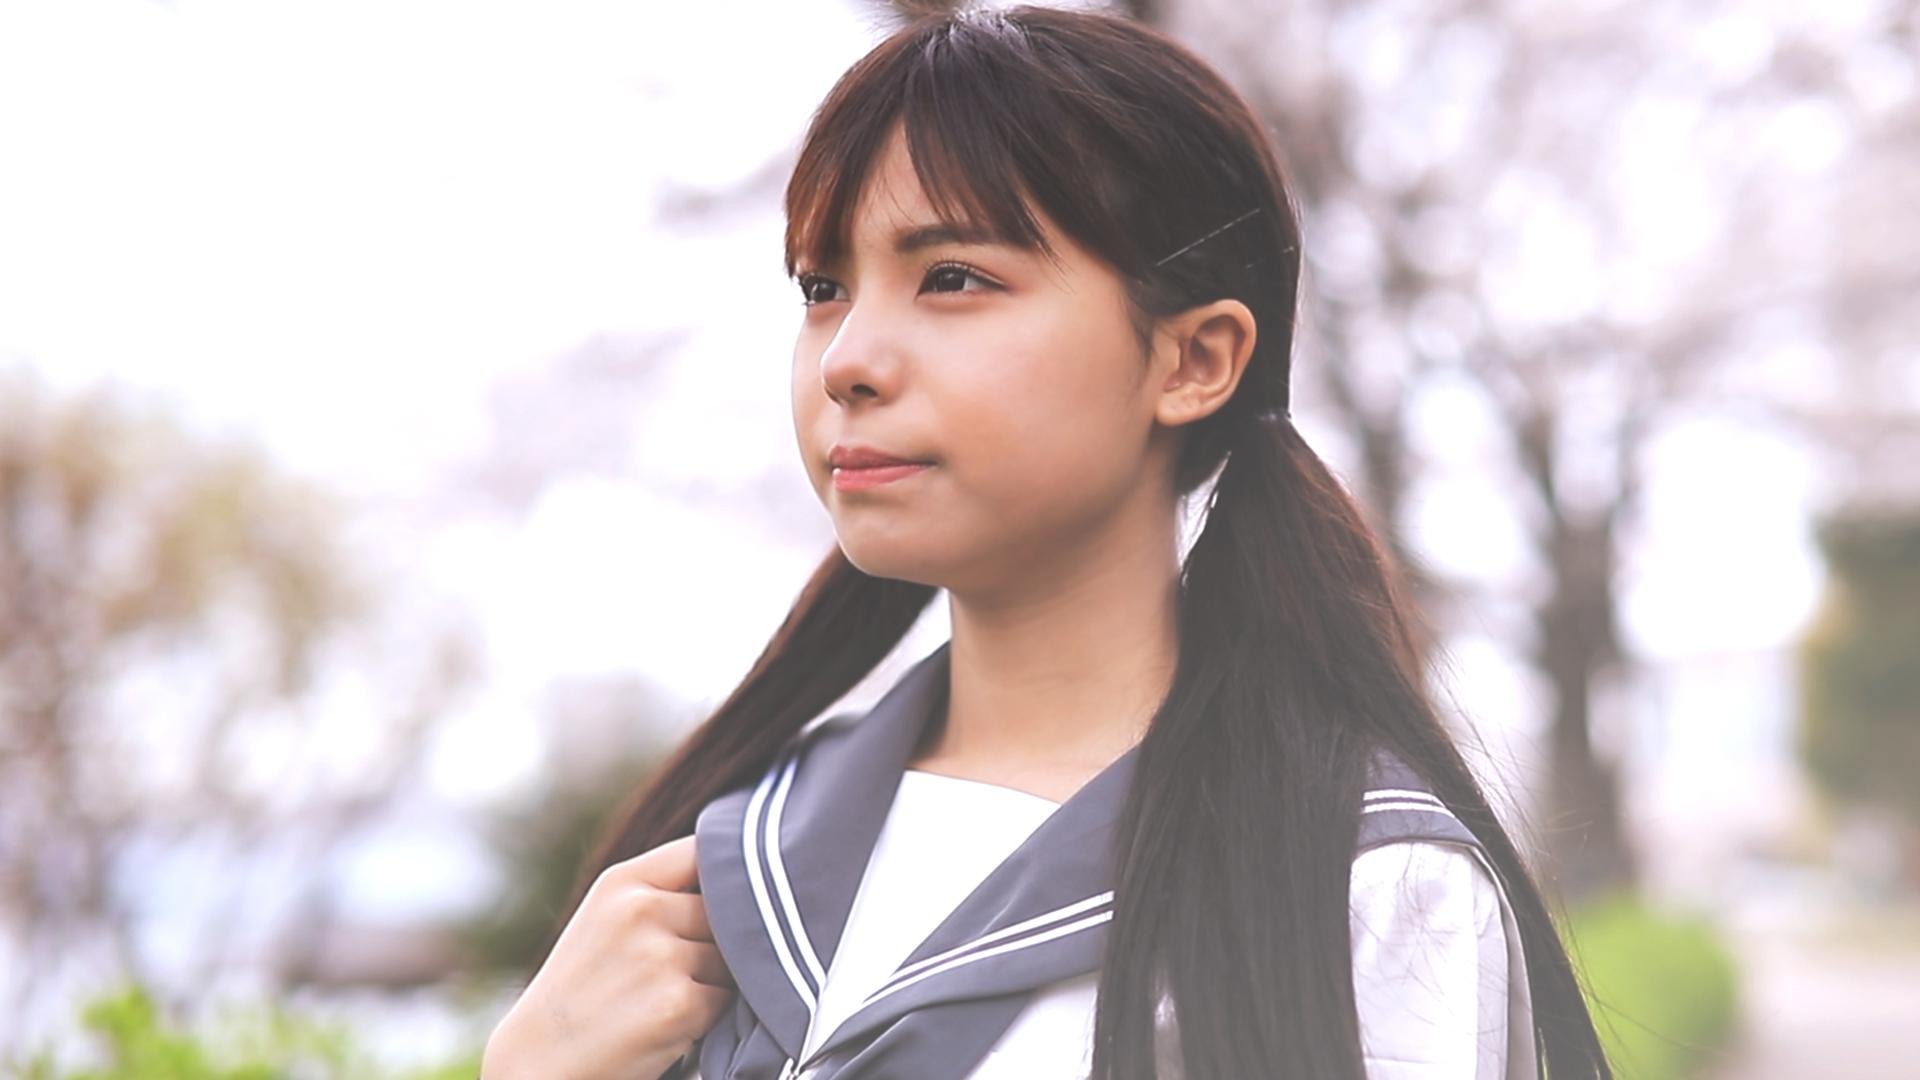 美加 女王 の 教室 富 中山